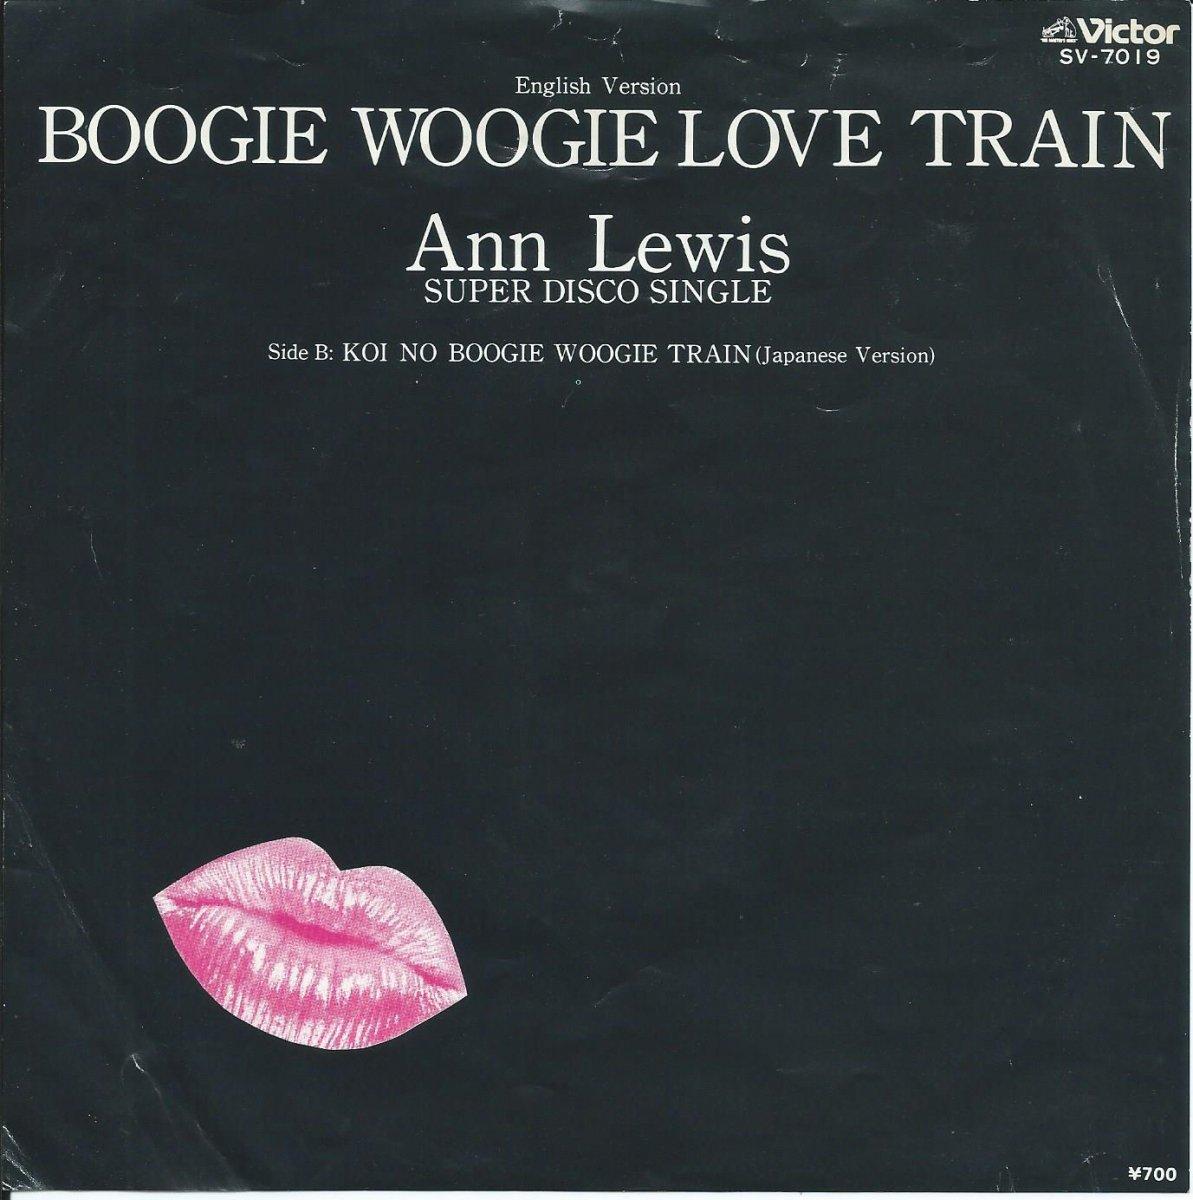 アン・ルイス ANN LEWIS / 恋のブギ・ウギ・トレイン BOOGIE OOGIE LOVE TRAIN - ENGLISH VERSION (7